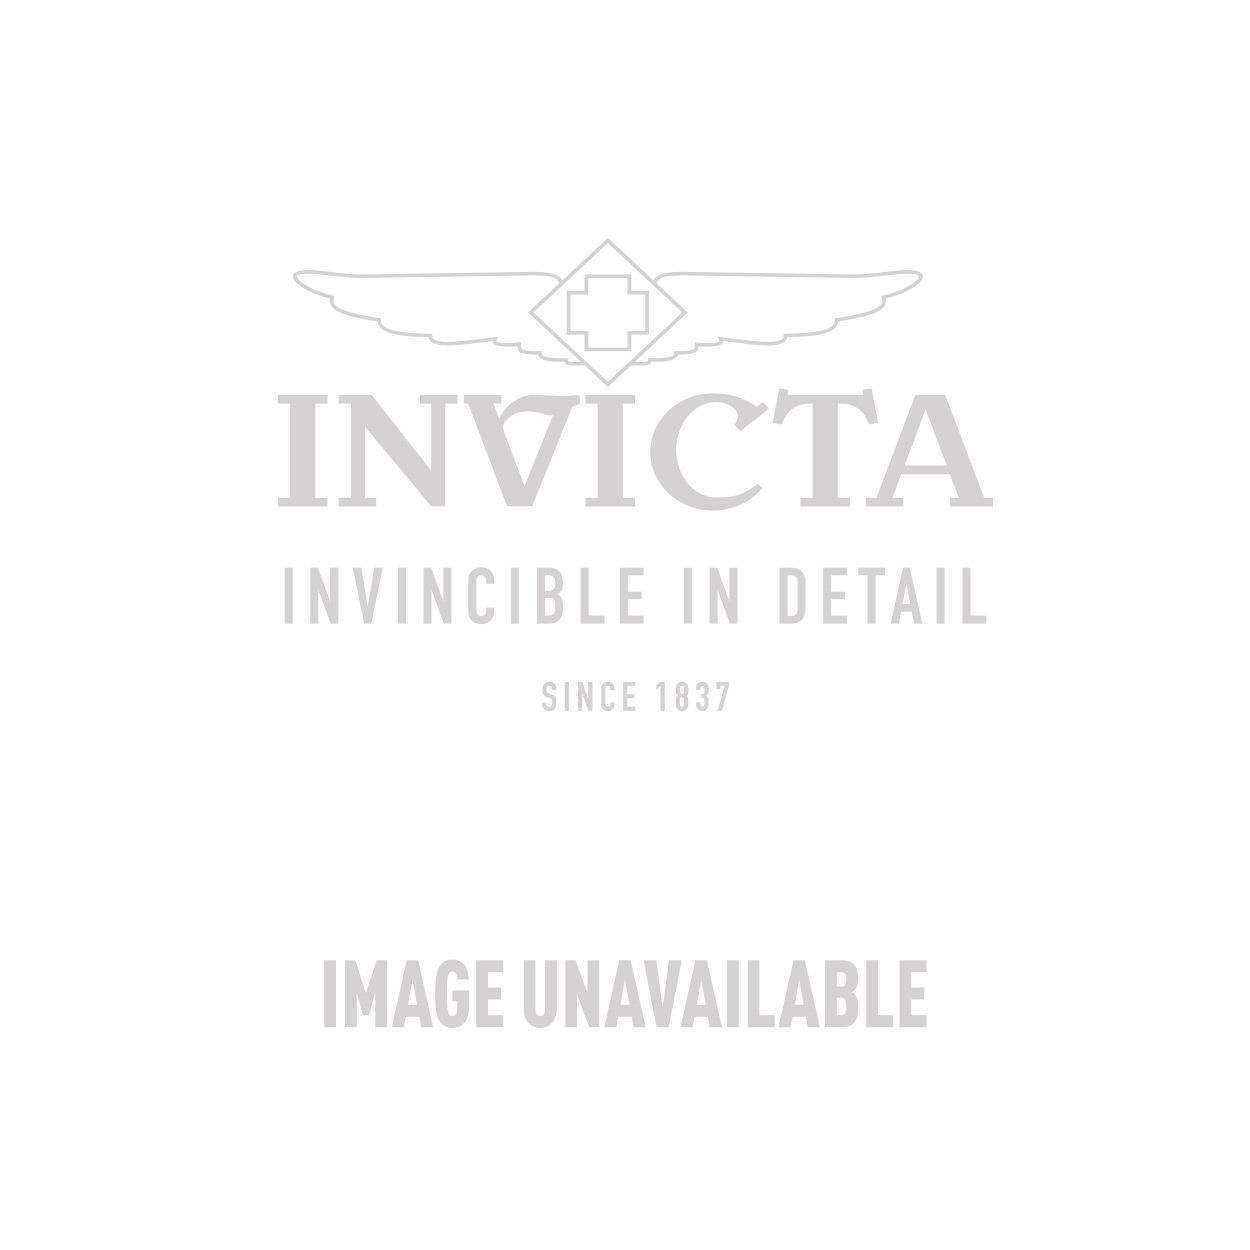 Invicta 21cm Men's Bracelets in Rhodium Aged - Model J0308